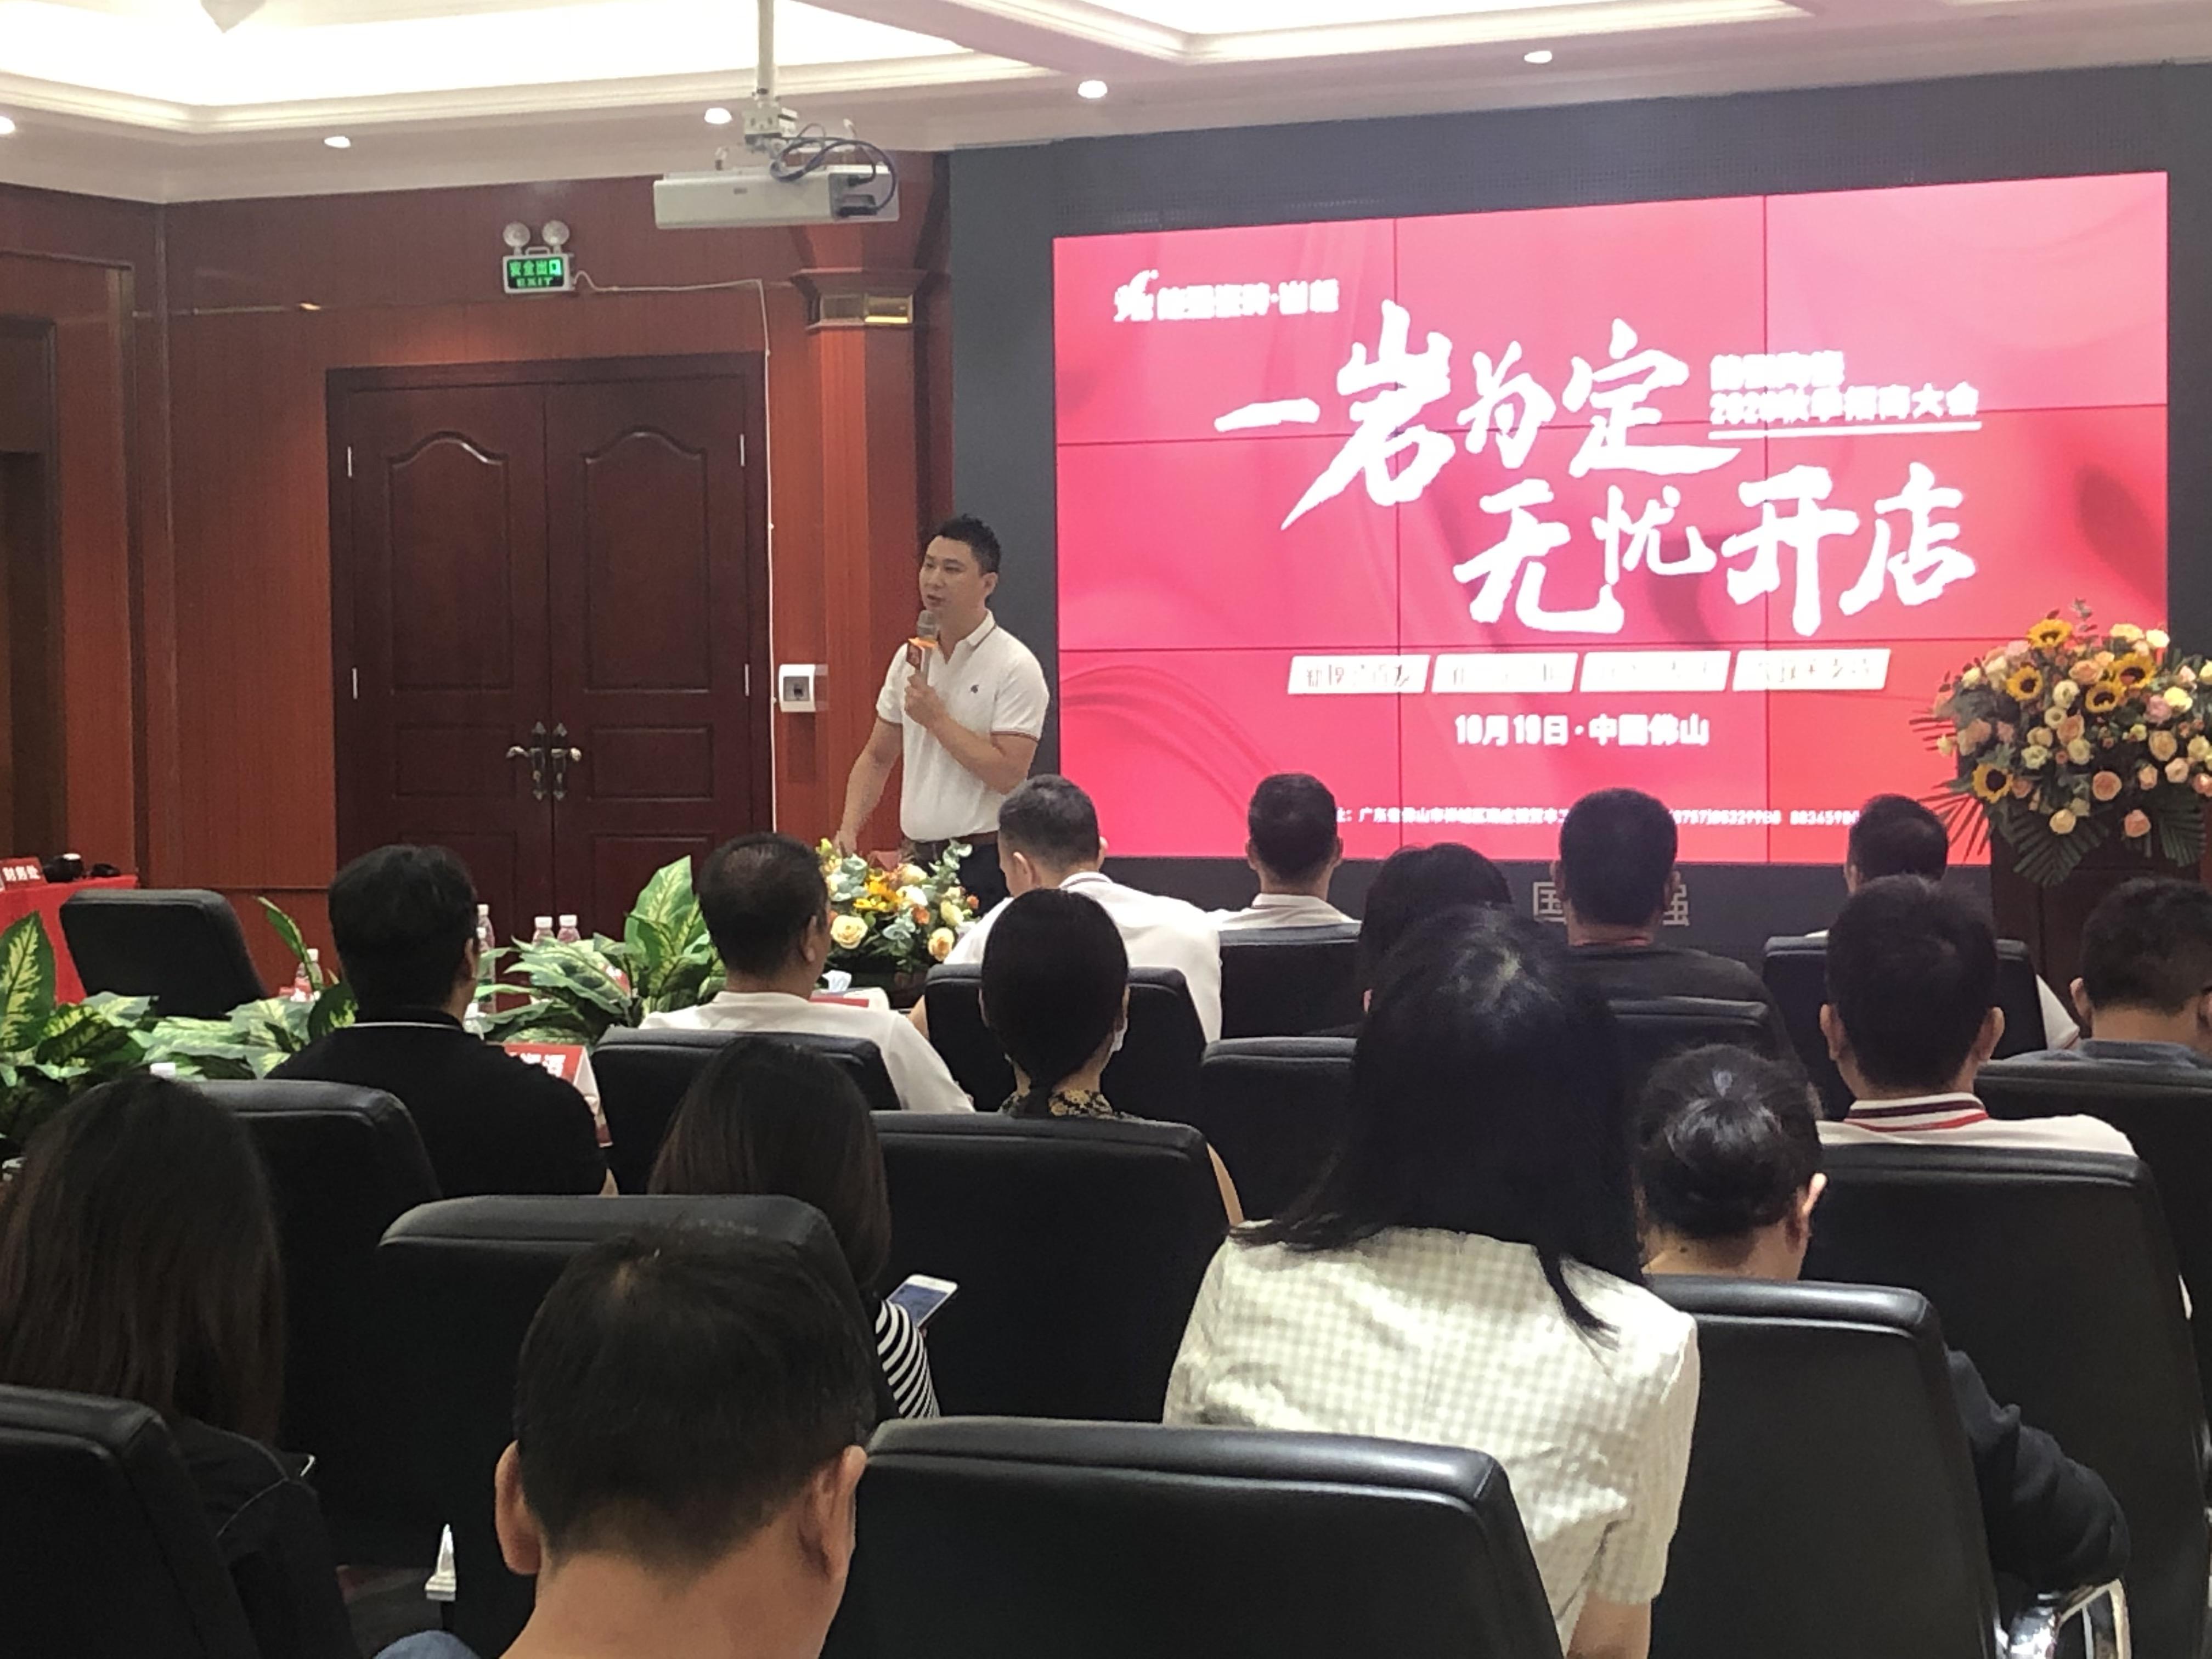 集团市场推广主管周晶介绍营销帮扶.JPG